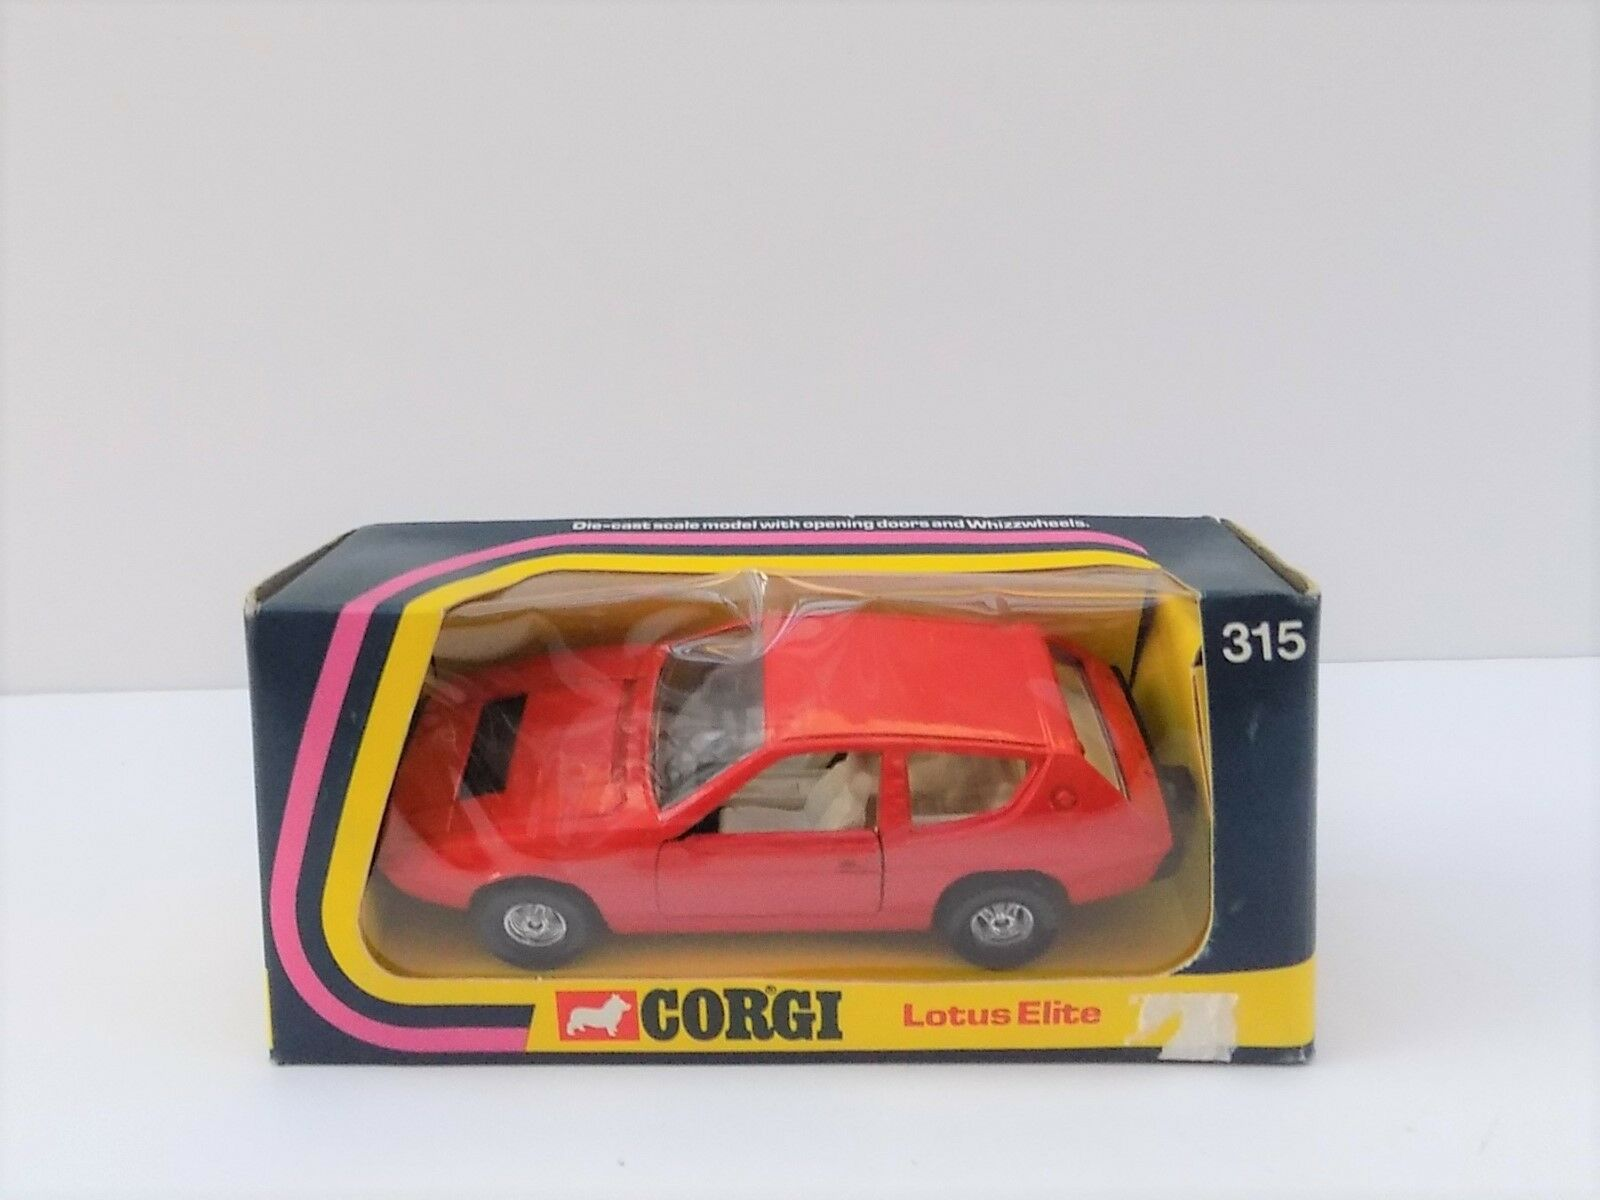 CORGI 315 LOTUS ELITE RED MINT BOXED 1975